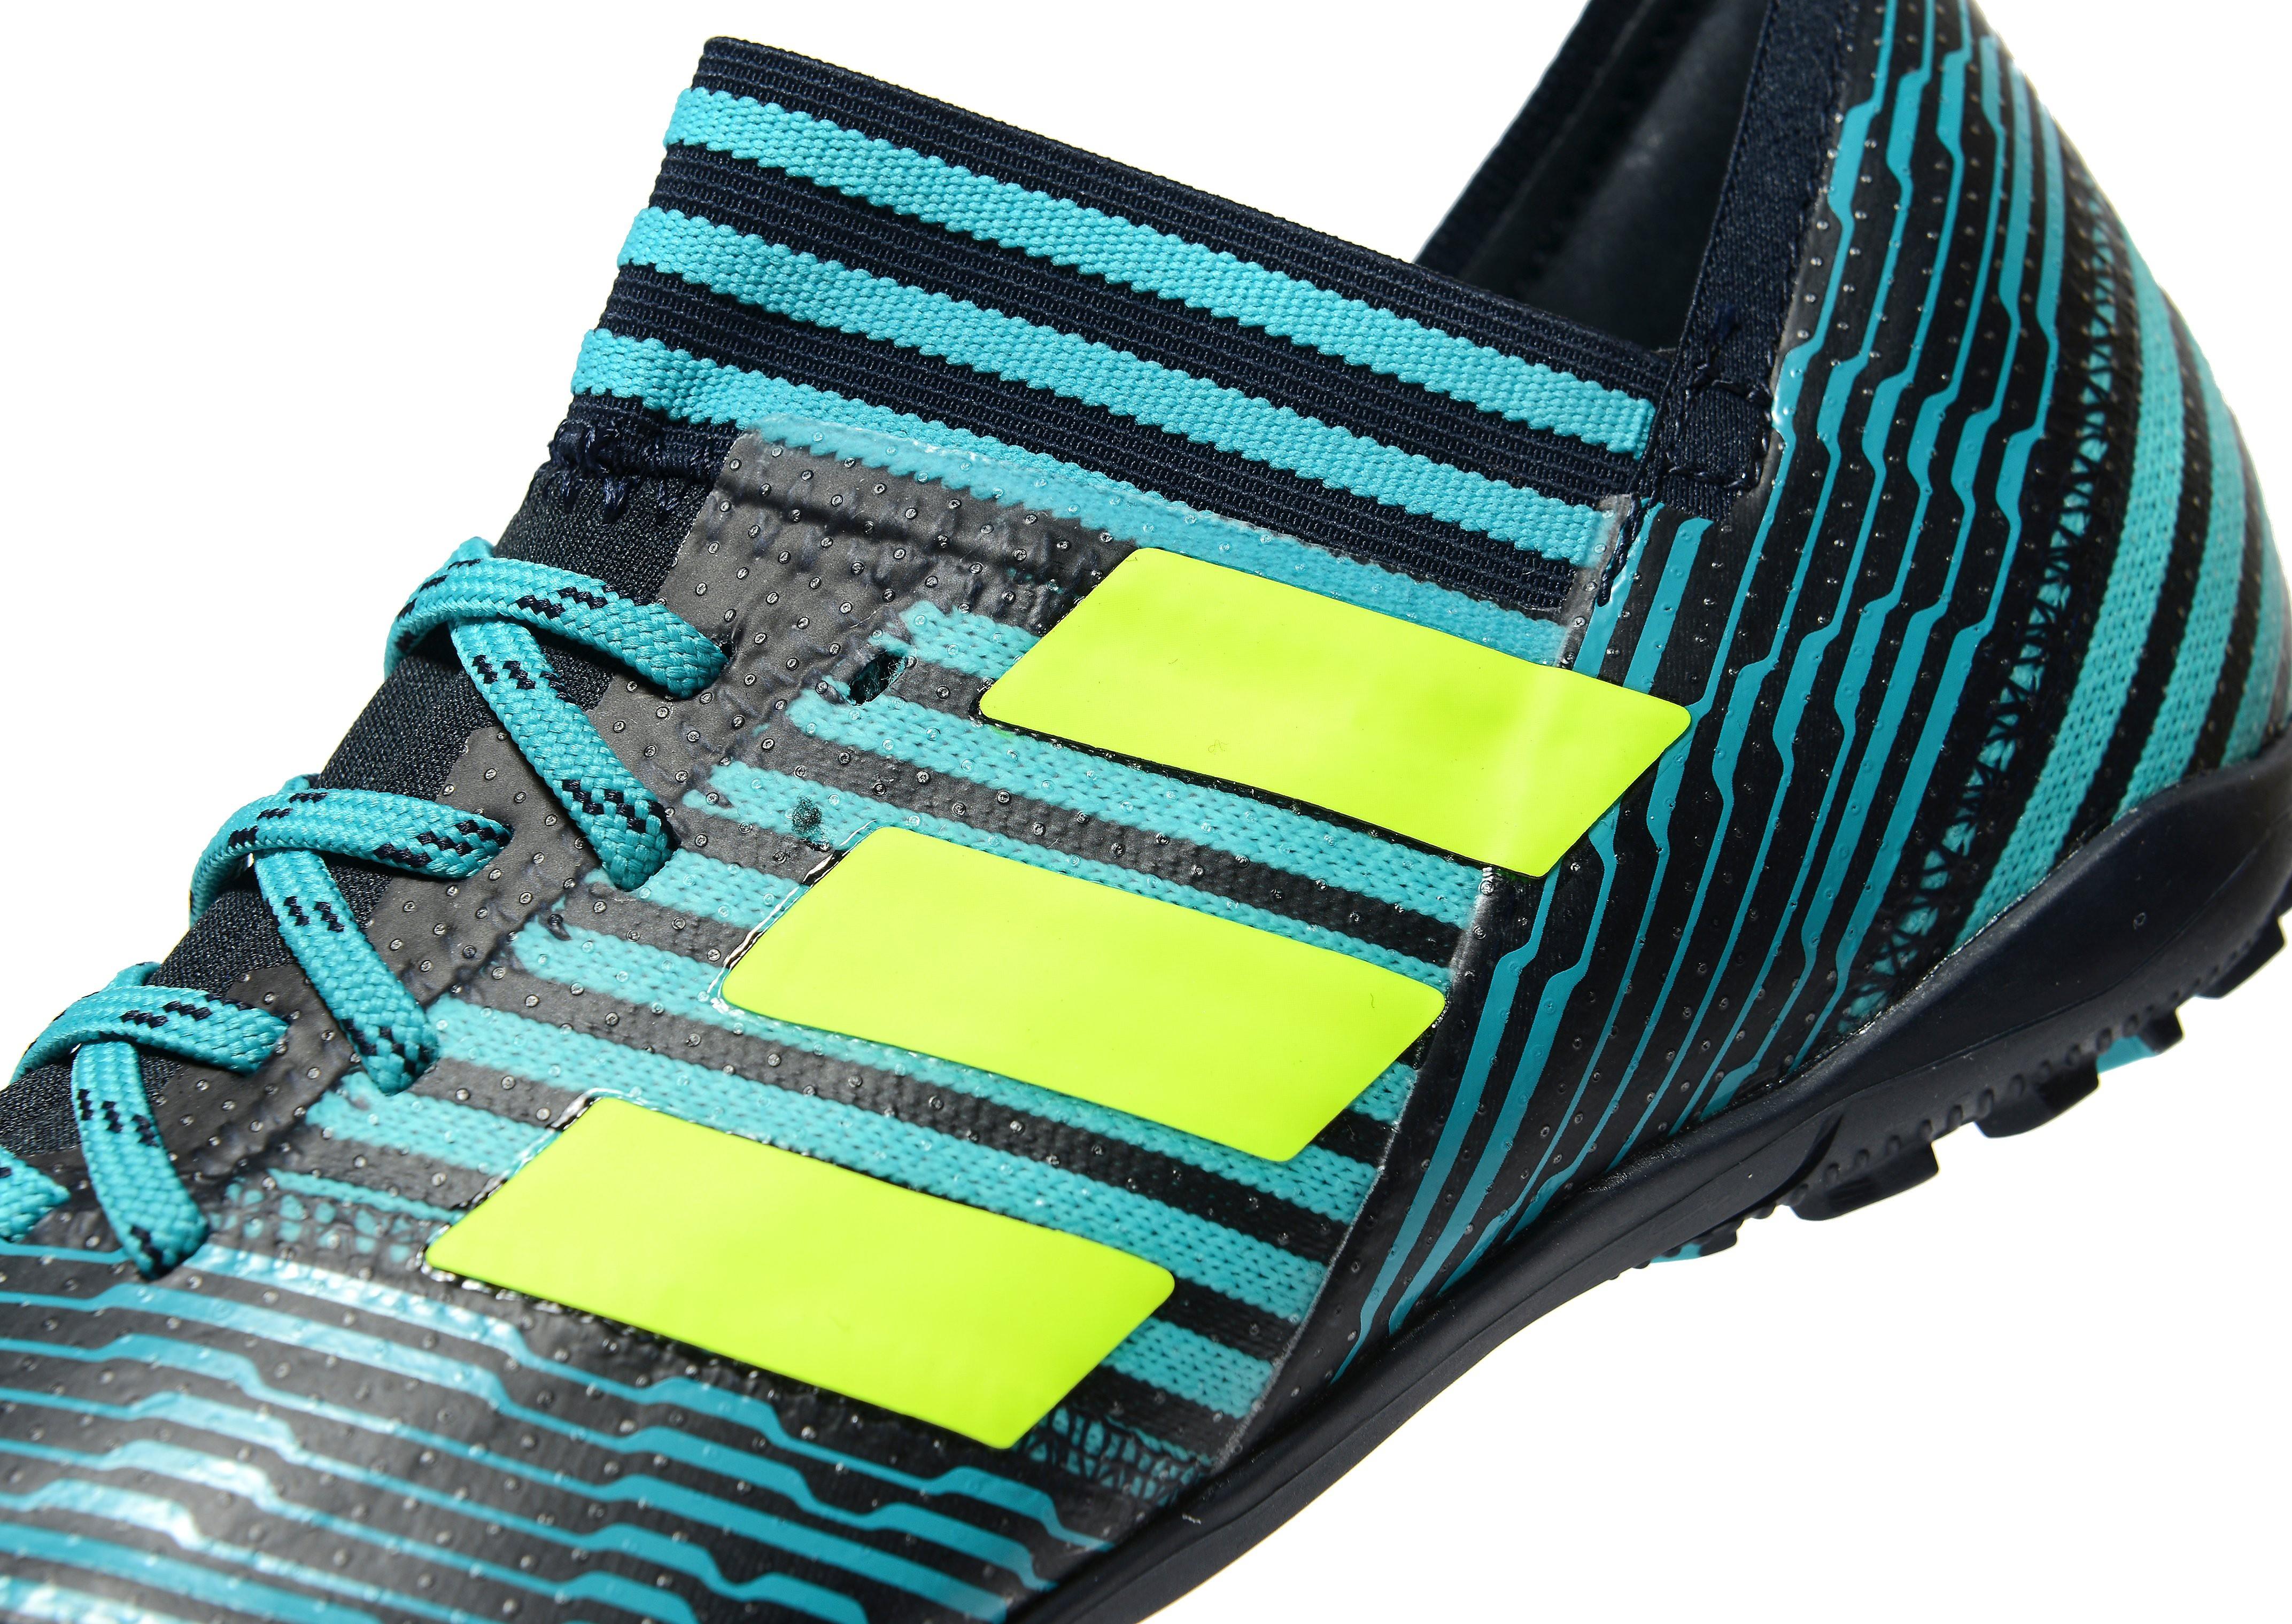 adidas Ocean Storm Nemeziz 17.3 TF Children